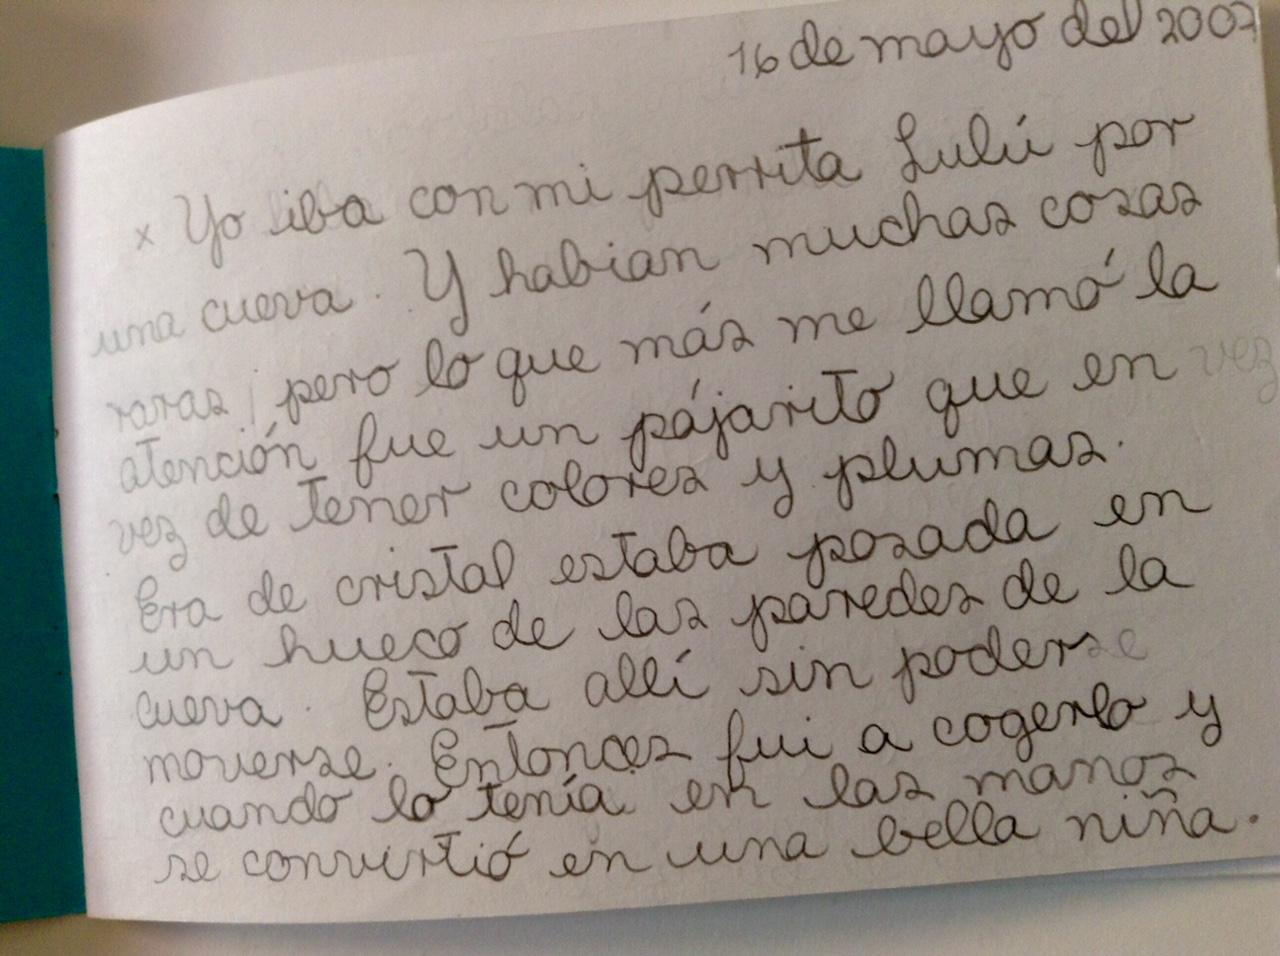 Diario de sueños de Penélope, 9 años. La Habana, Cuba. Mayo 2007.